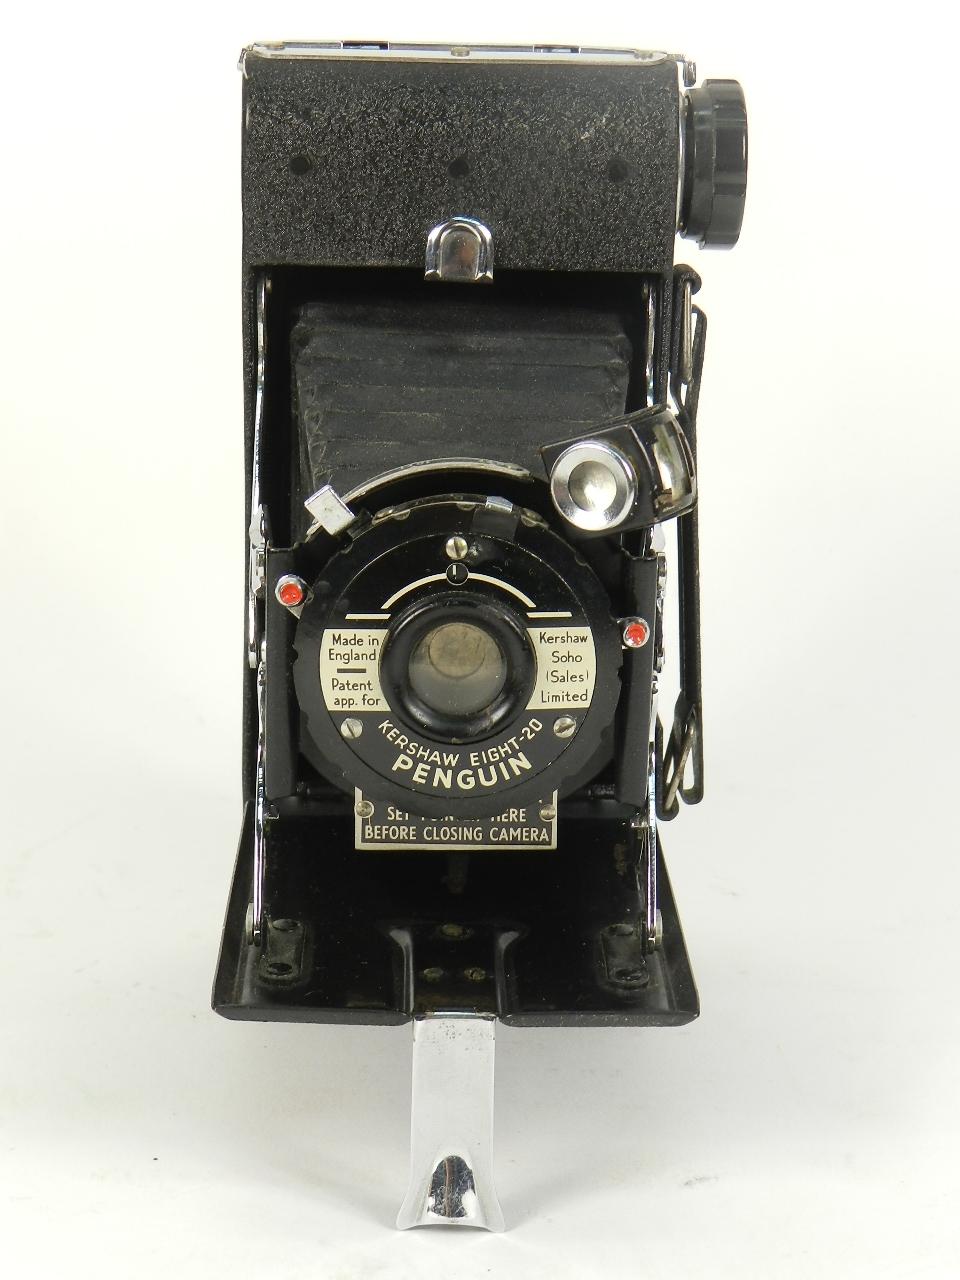 Imagen KERSHAW EIGHT-20 PENGUIN  AÑO 1946 27880